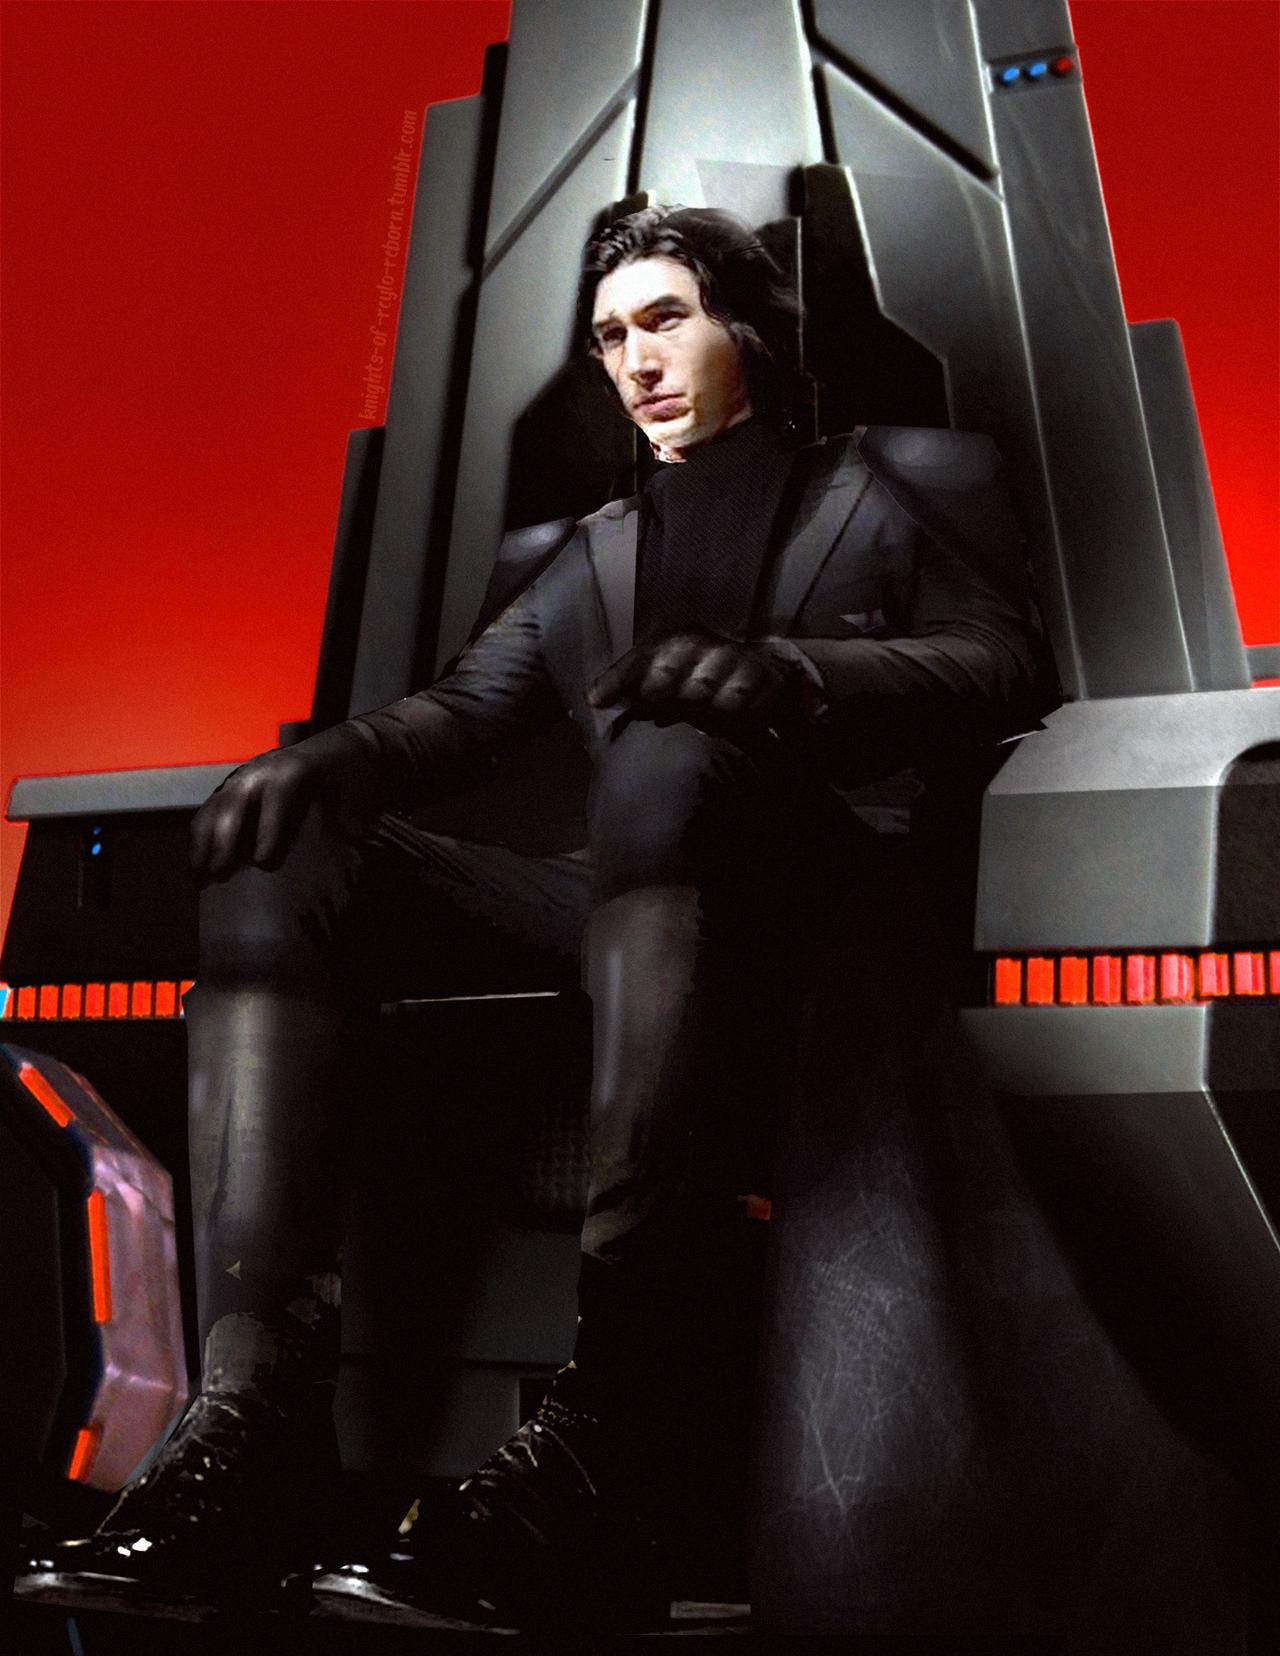 """Résultat de recherche d'images pour """"Star Wars IX kylo"""""""